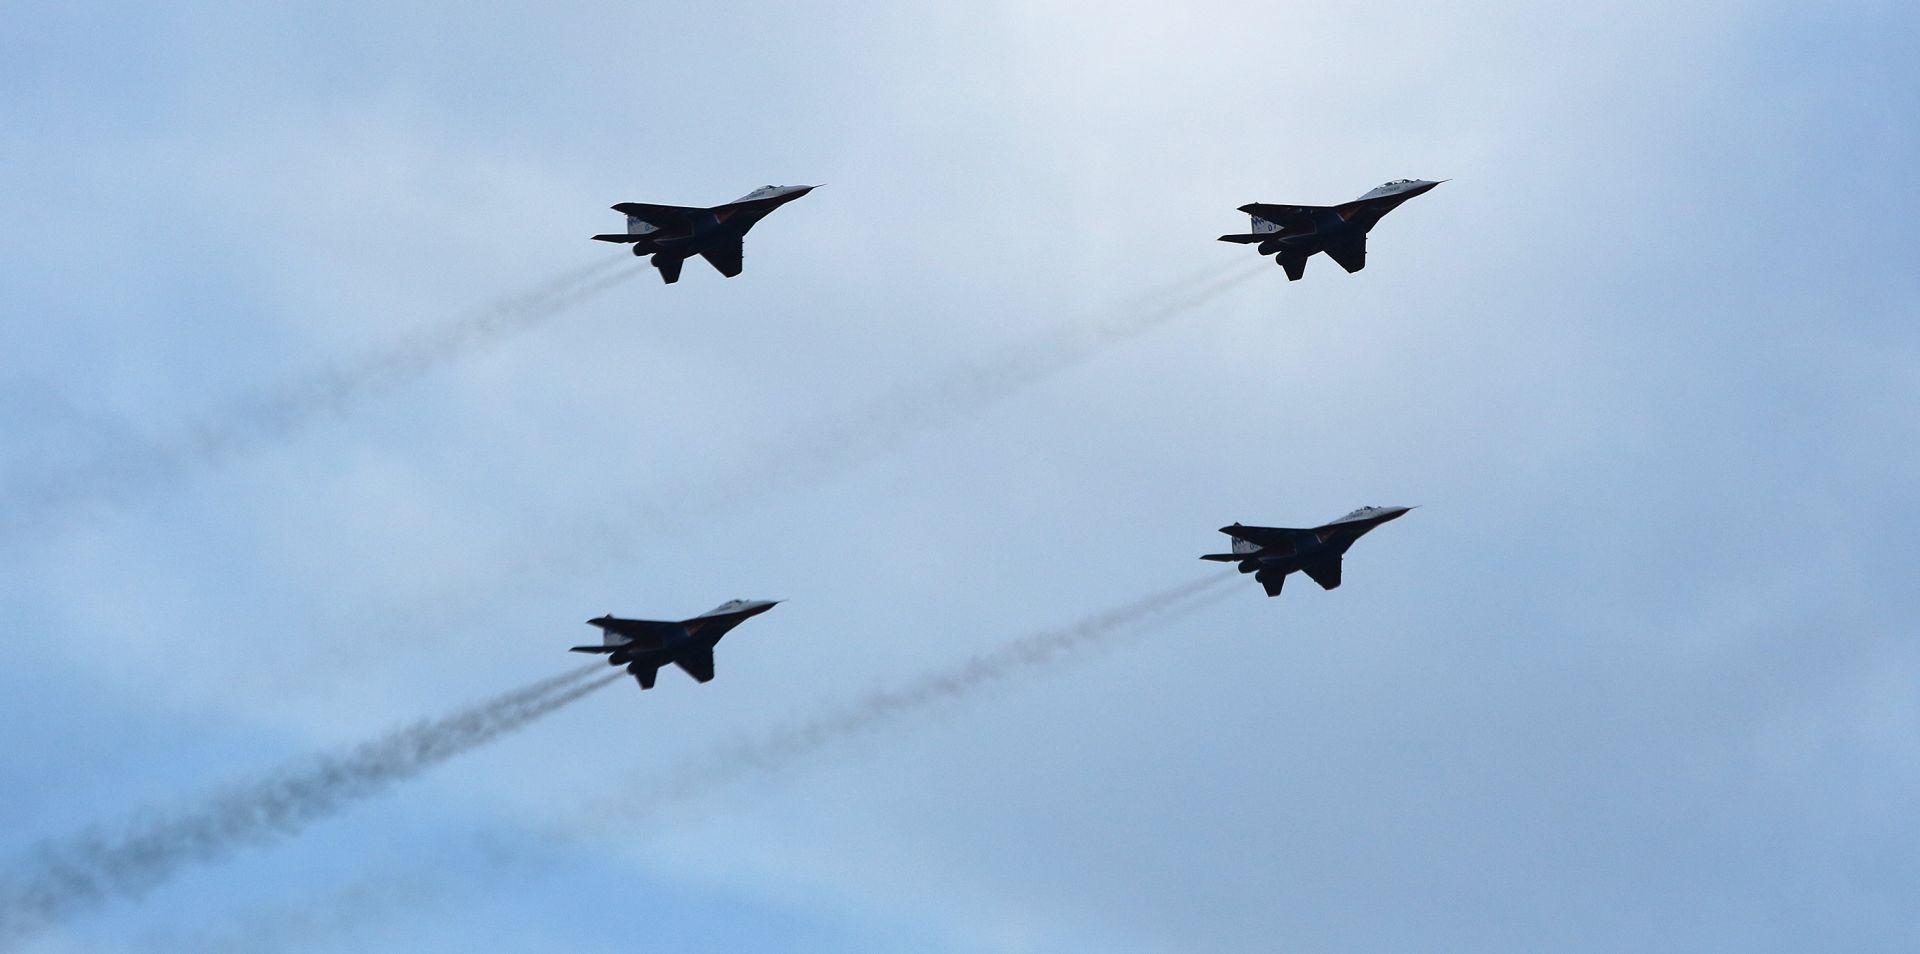 SUMNJA U KORUPCIJU Nepravilnosti u remontu MiG-ova u Ukrajini?